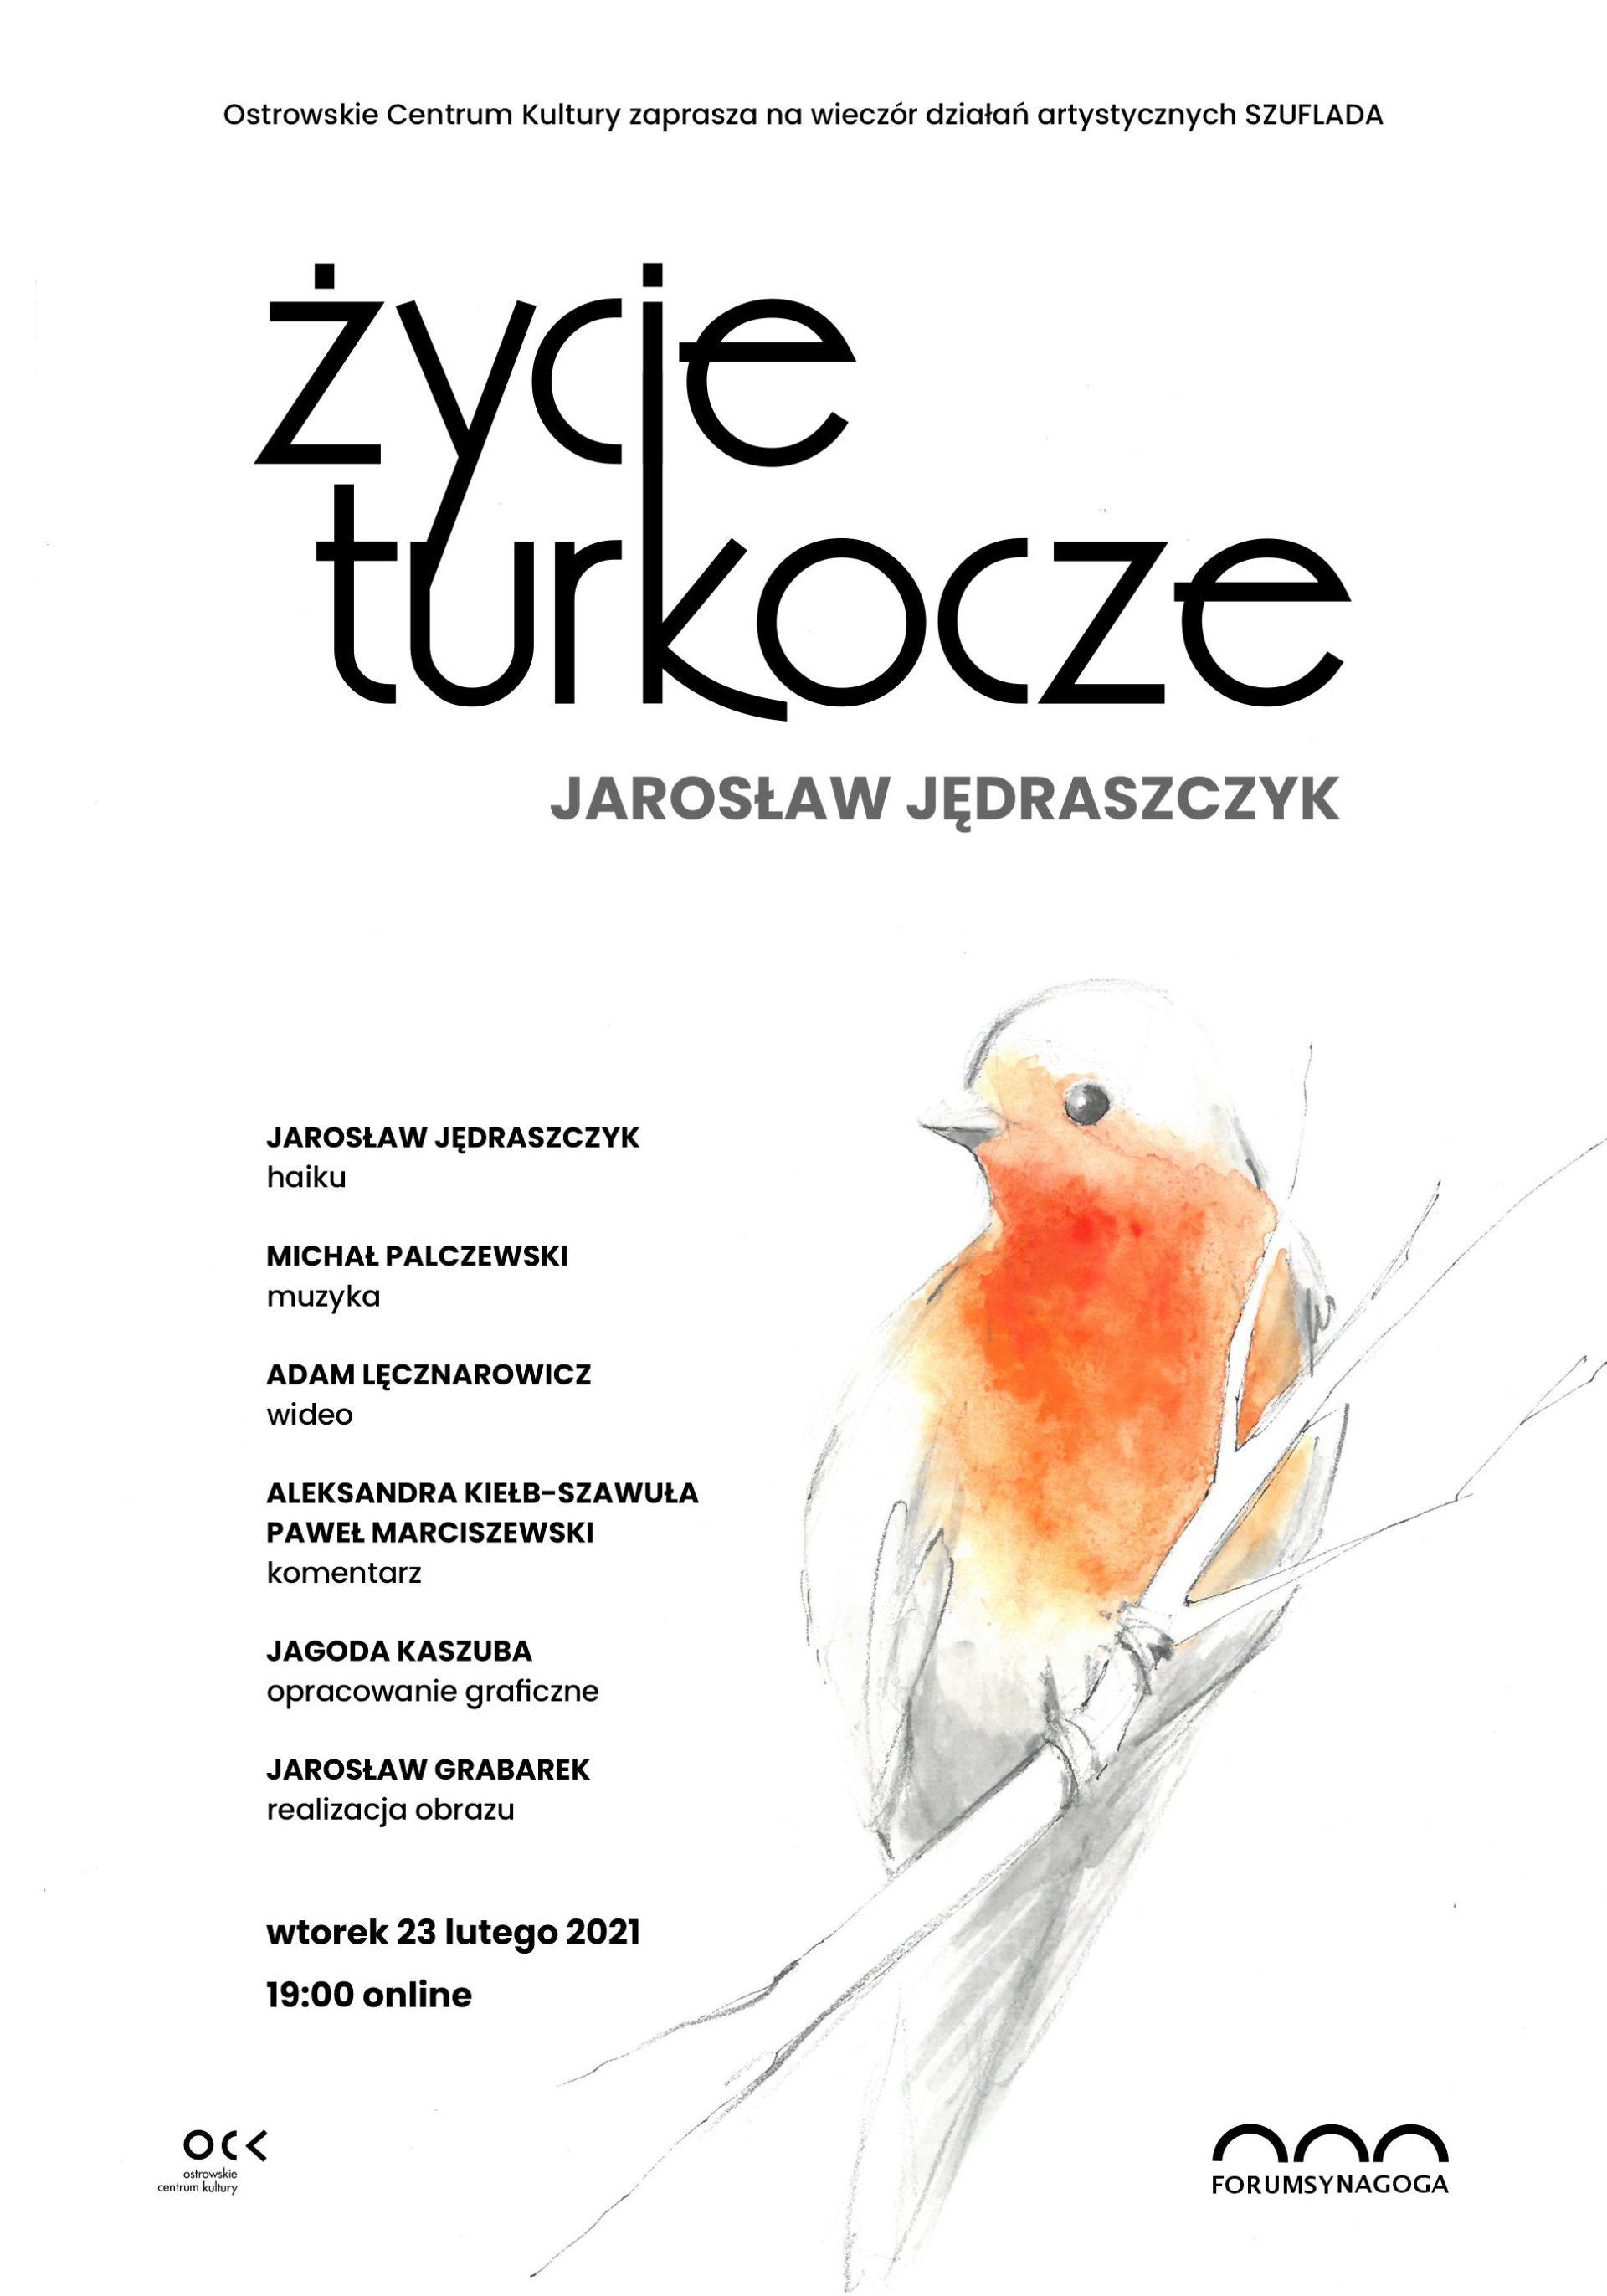 życie turkocze | Jarosław Jędraszczyk | Wieczór Działań Artystycznych Szuflada | online